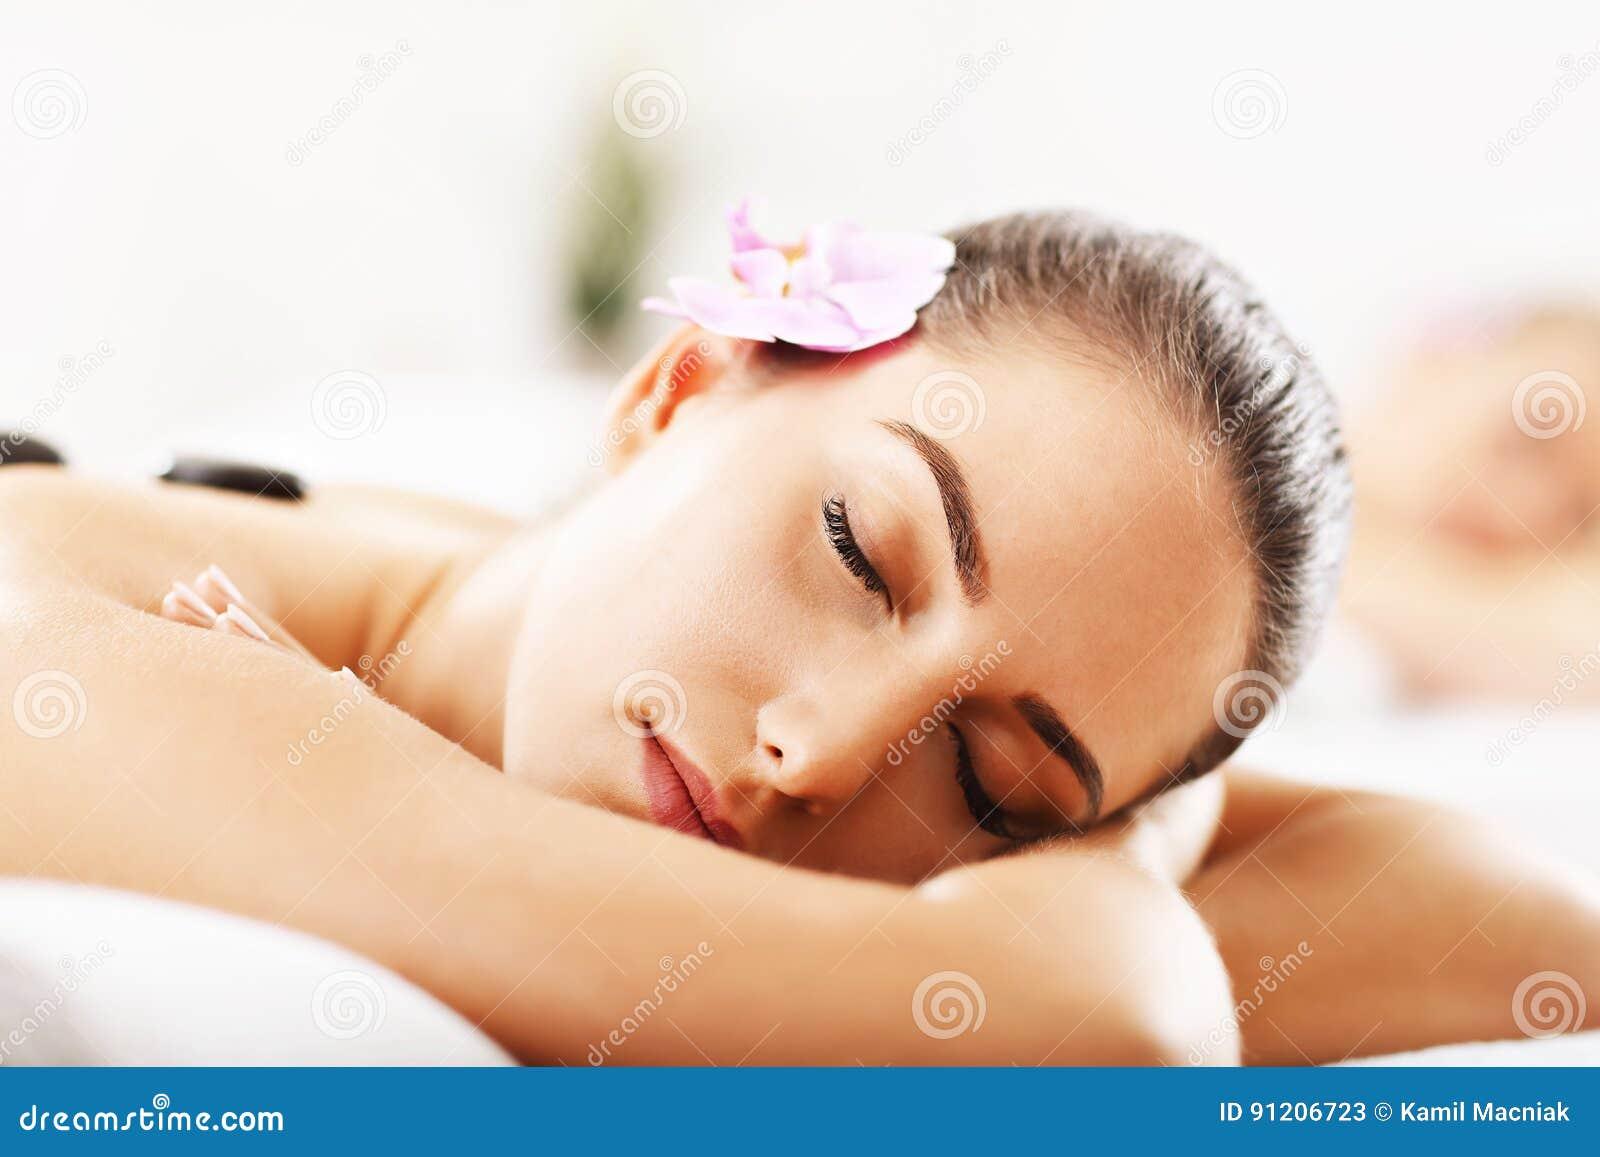 Beautiful Women Massage